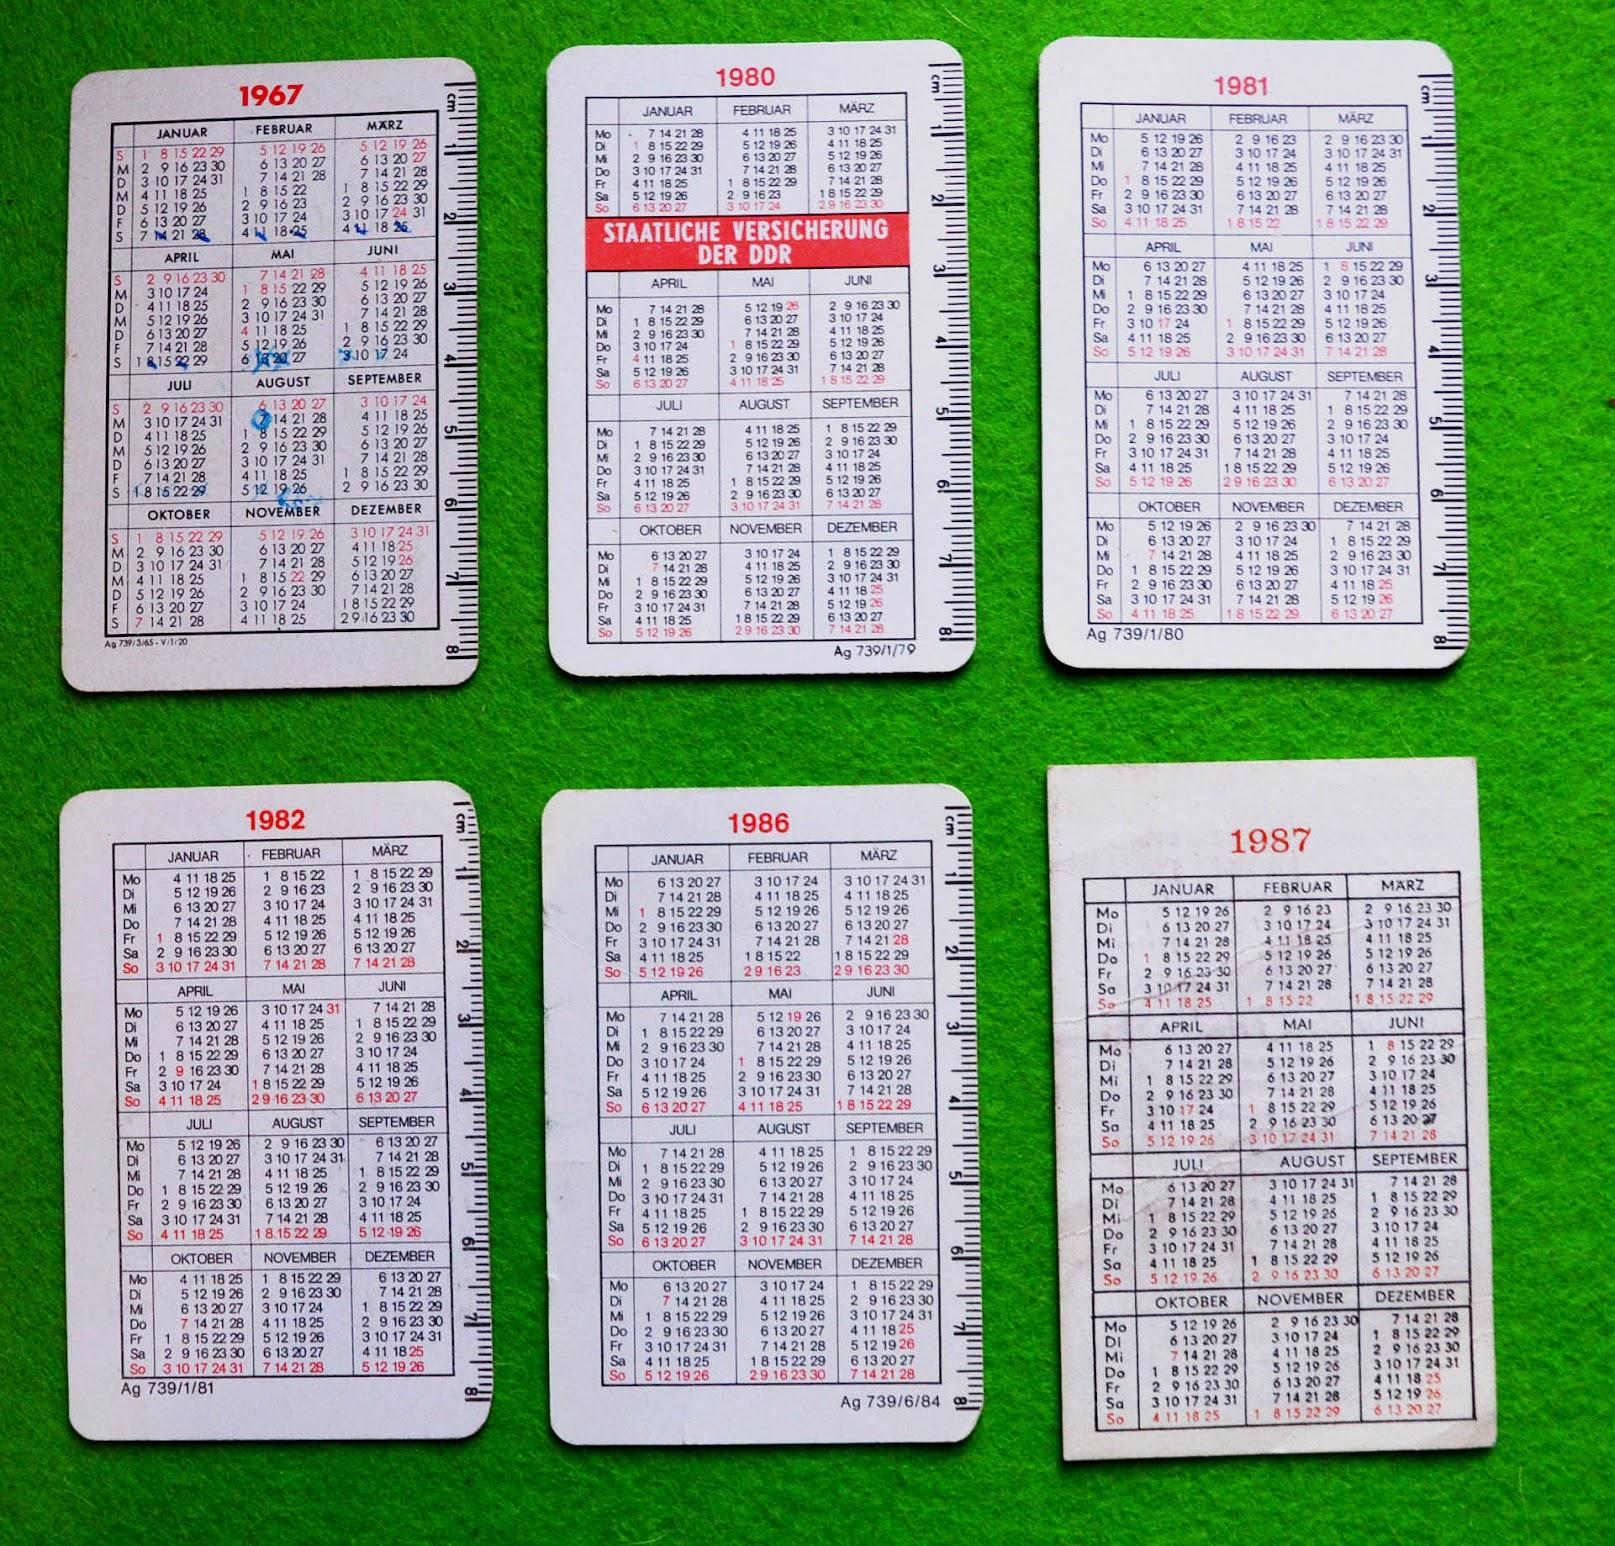 Taschenkalender 1967 1980 1981 1982 1986 1987